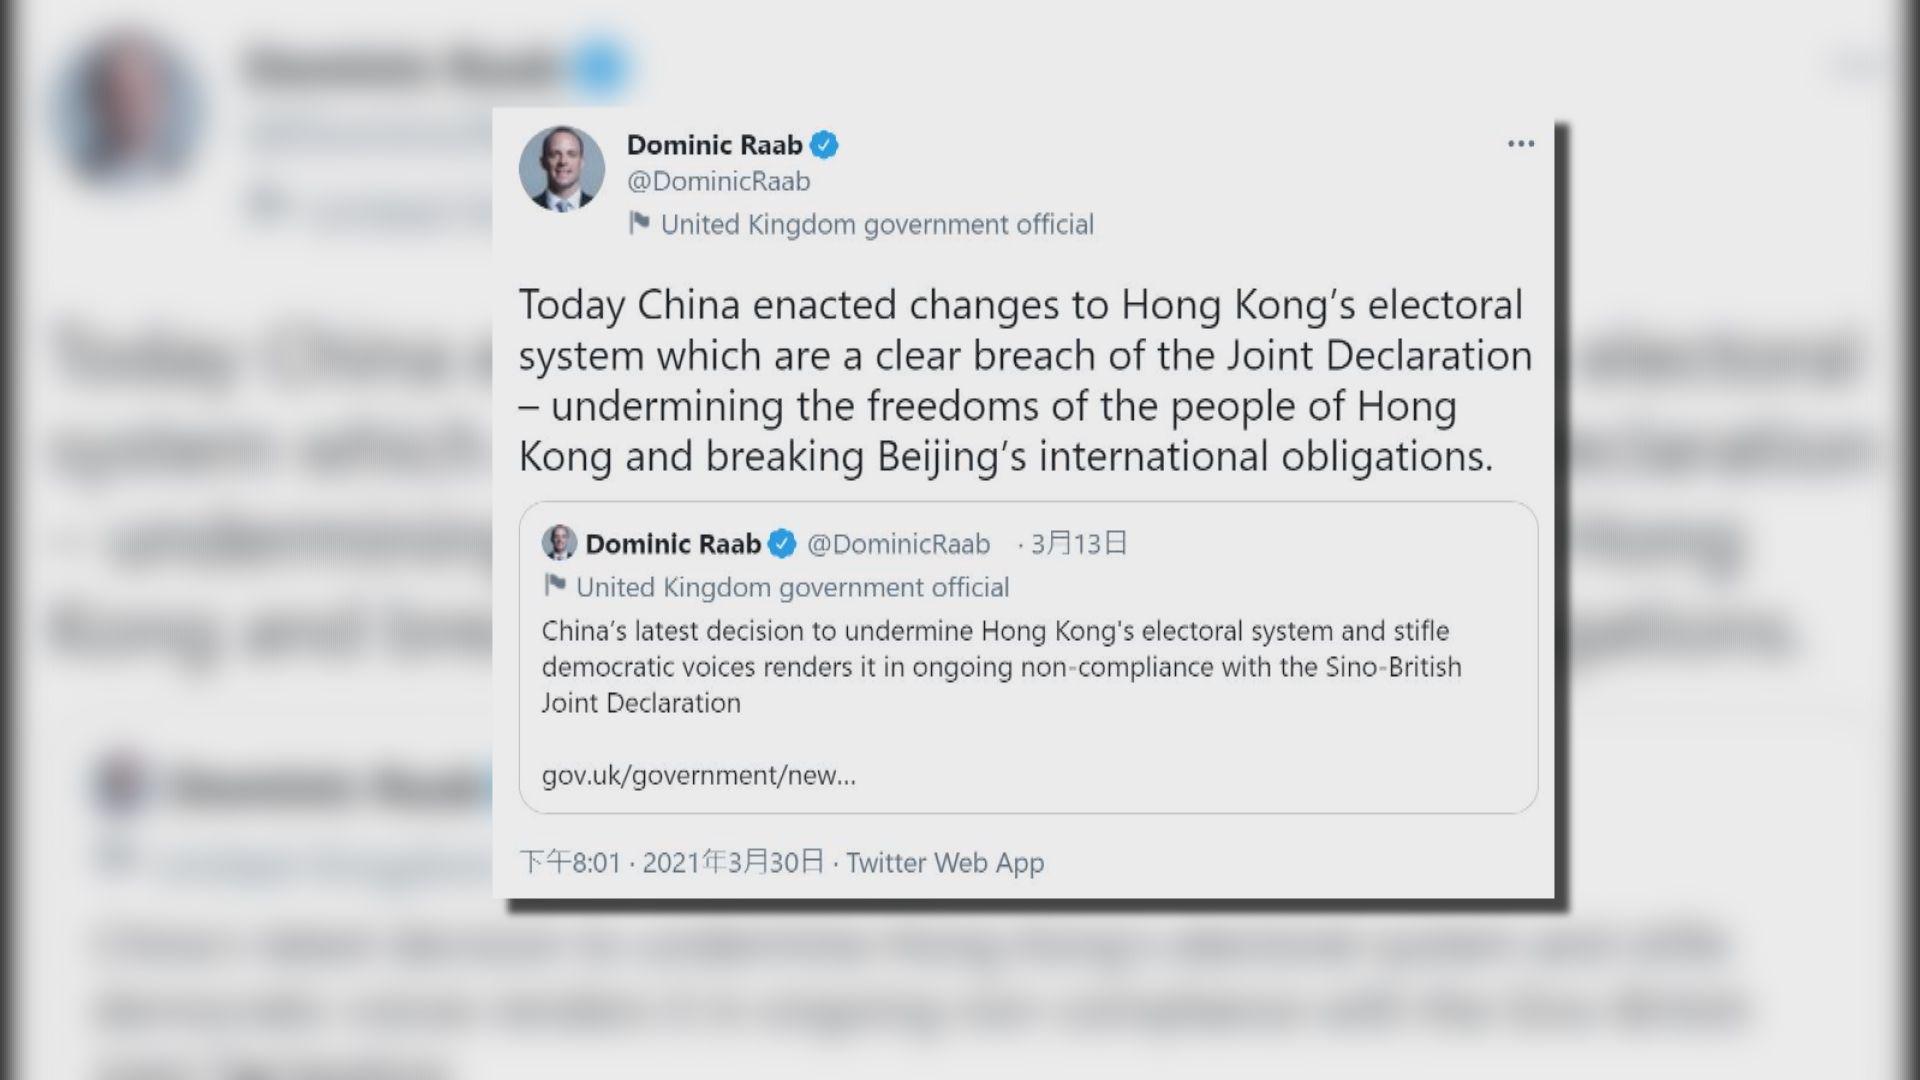 英國稱北京修改香港選舉制度違反中英聯合聲明